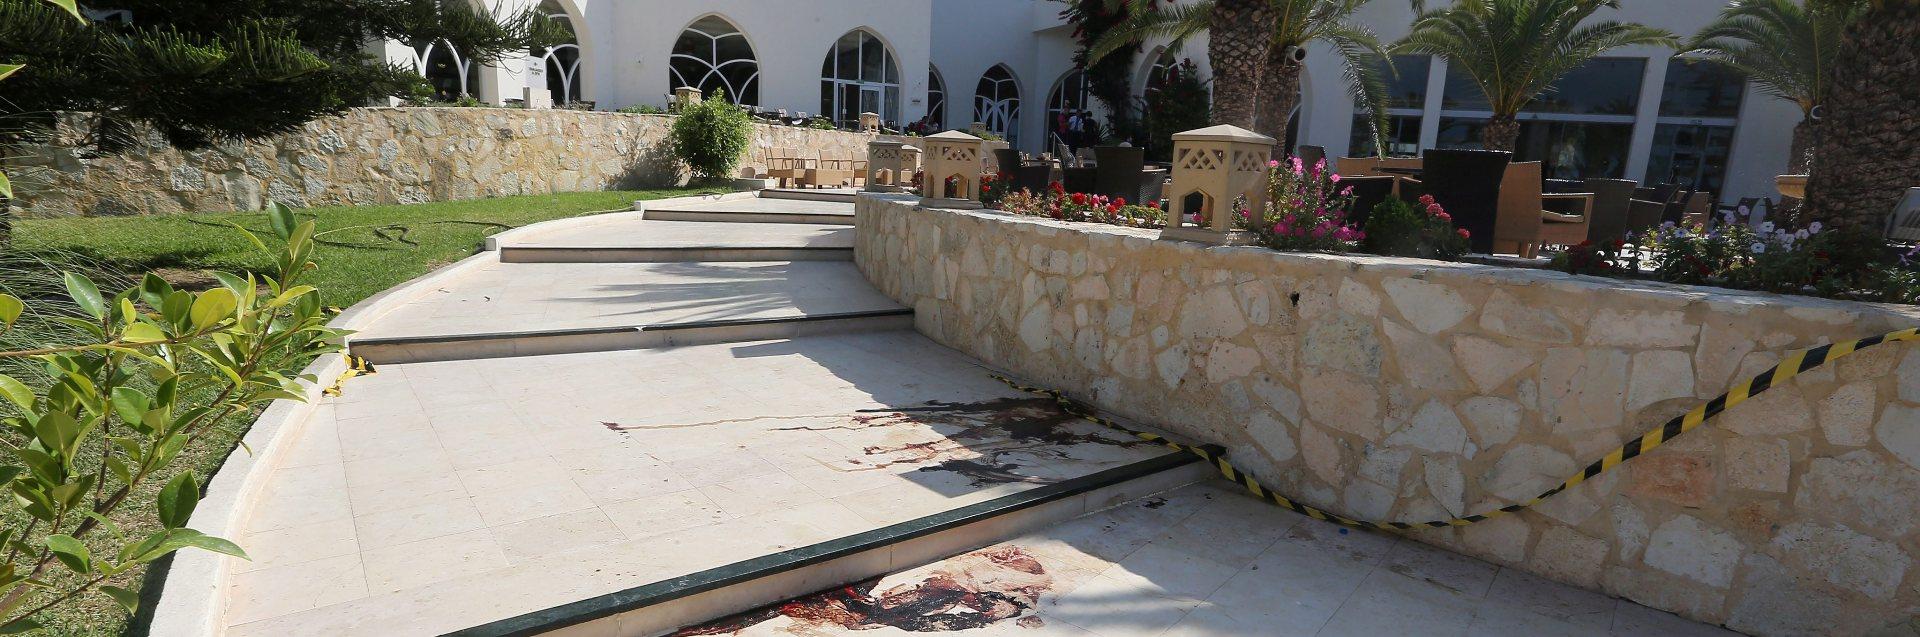 ŽRTVE MASAKRA U TUNISU Broj ubijenih Britanaca porastao na 15